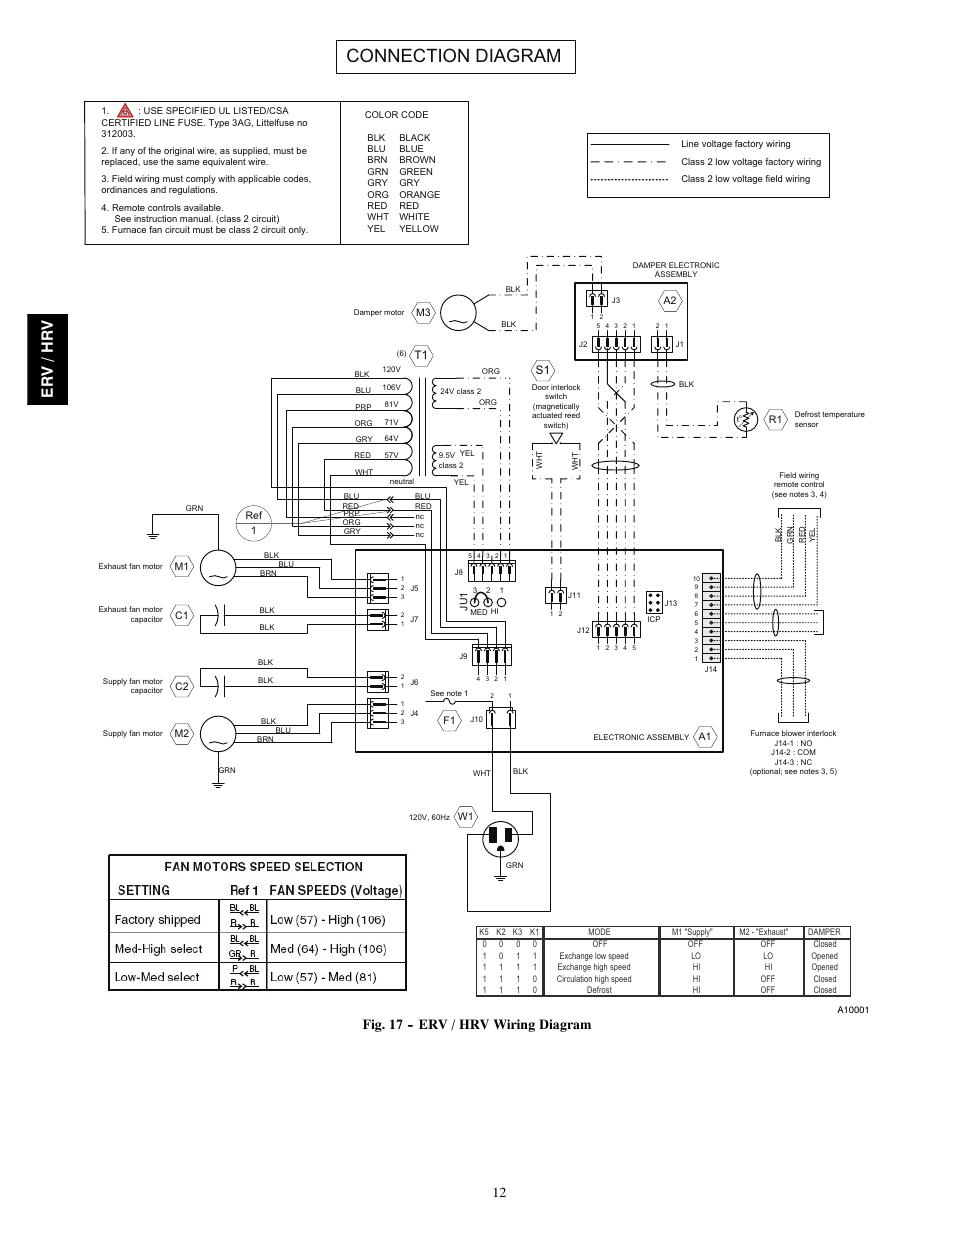 medium resolution of connection diagram er v hr v fig 17 erv